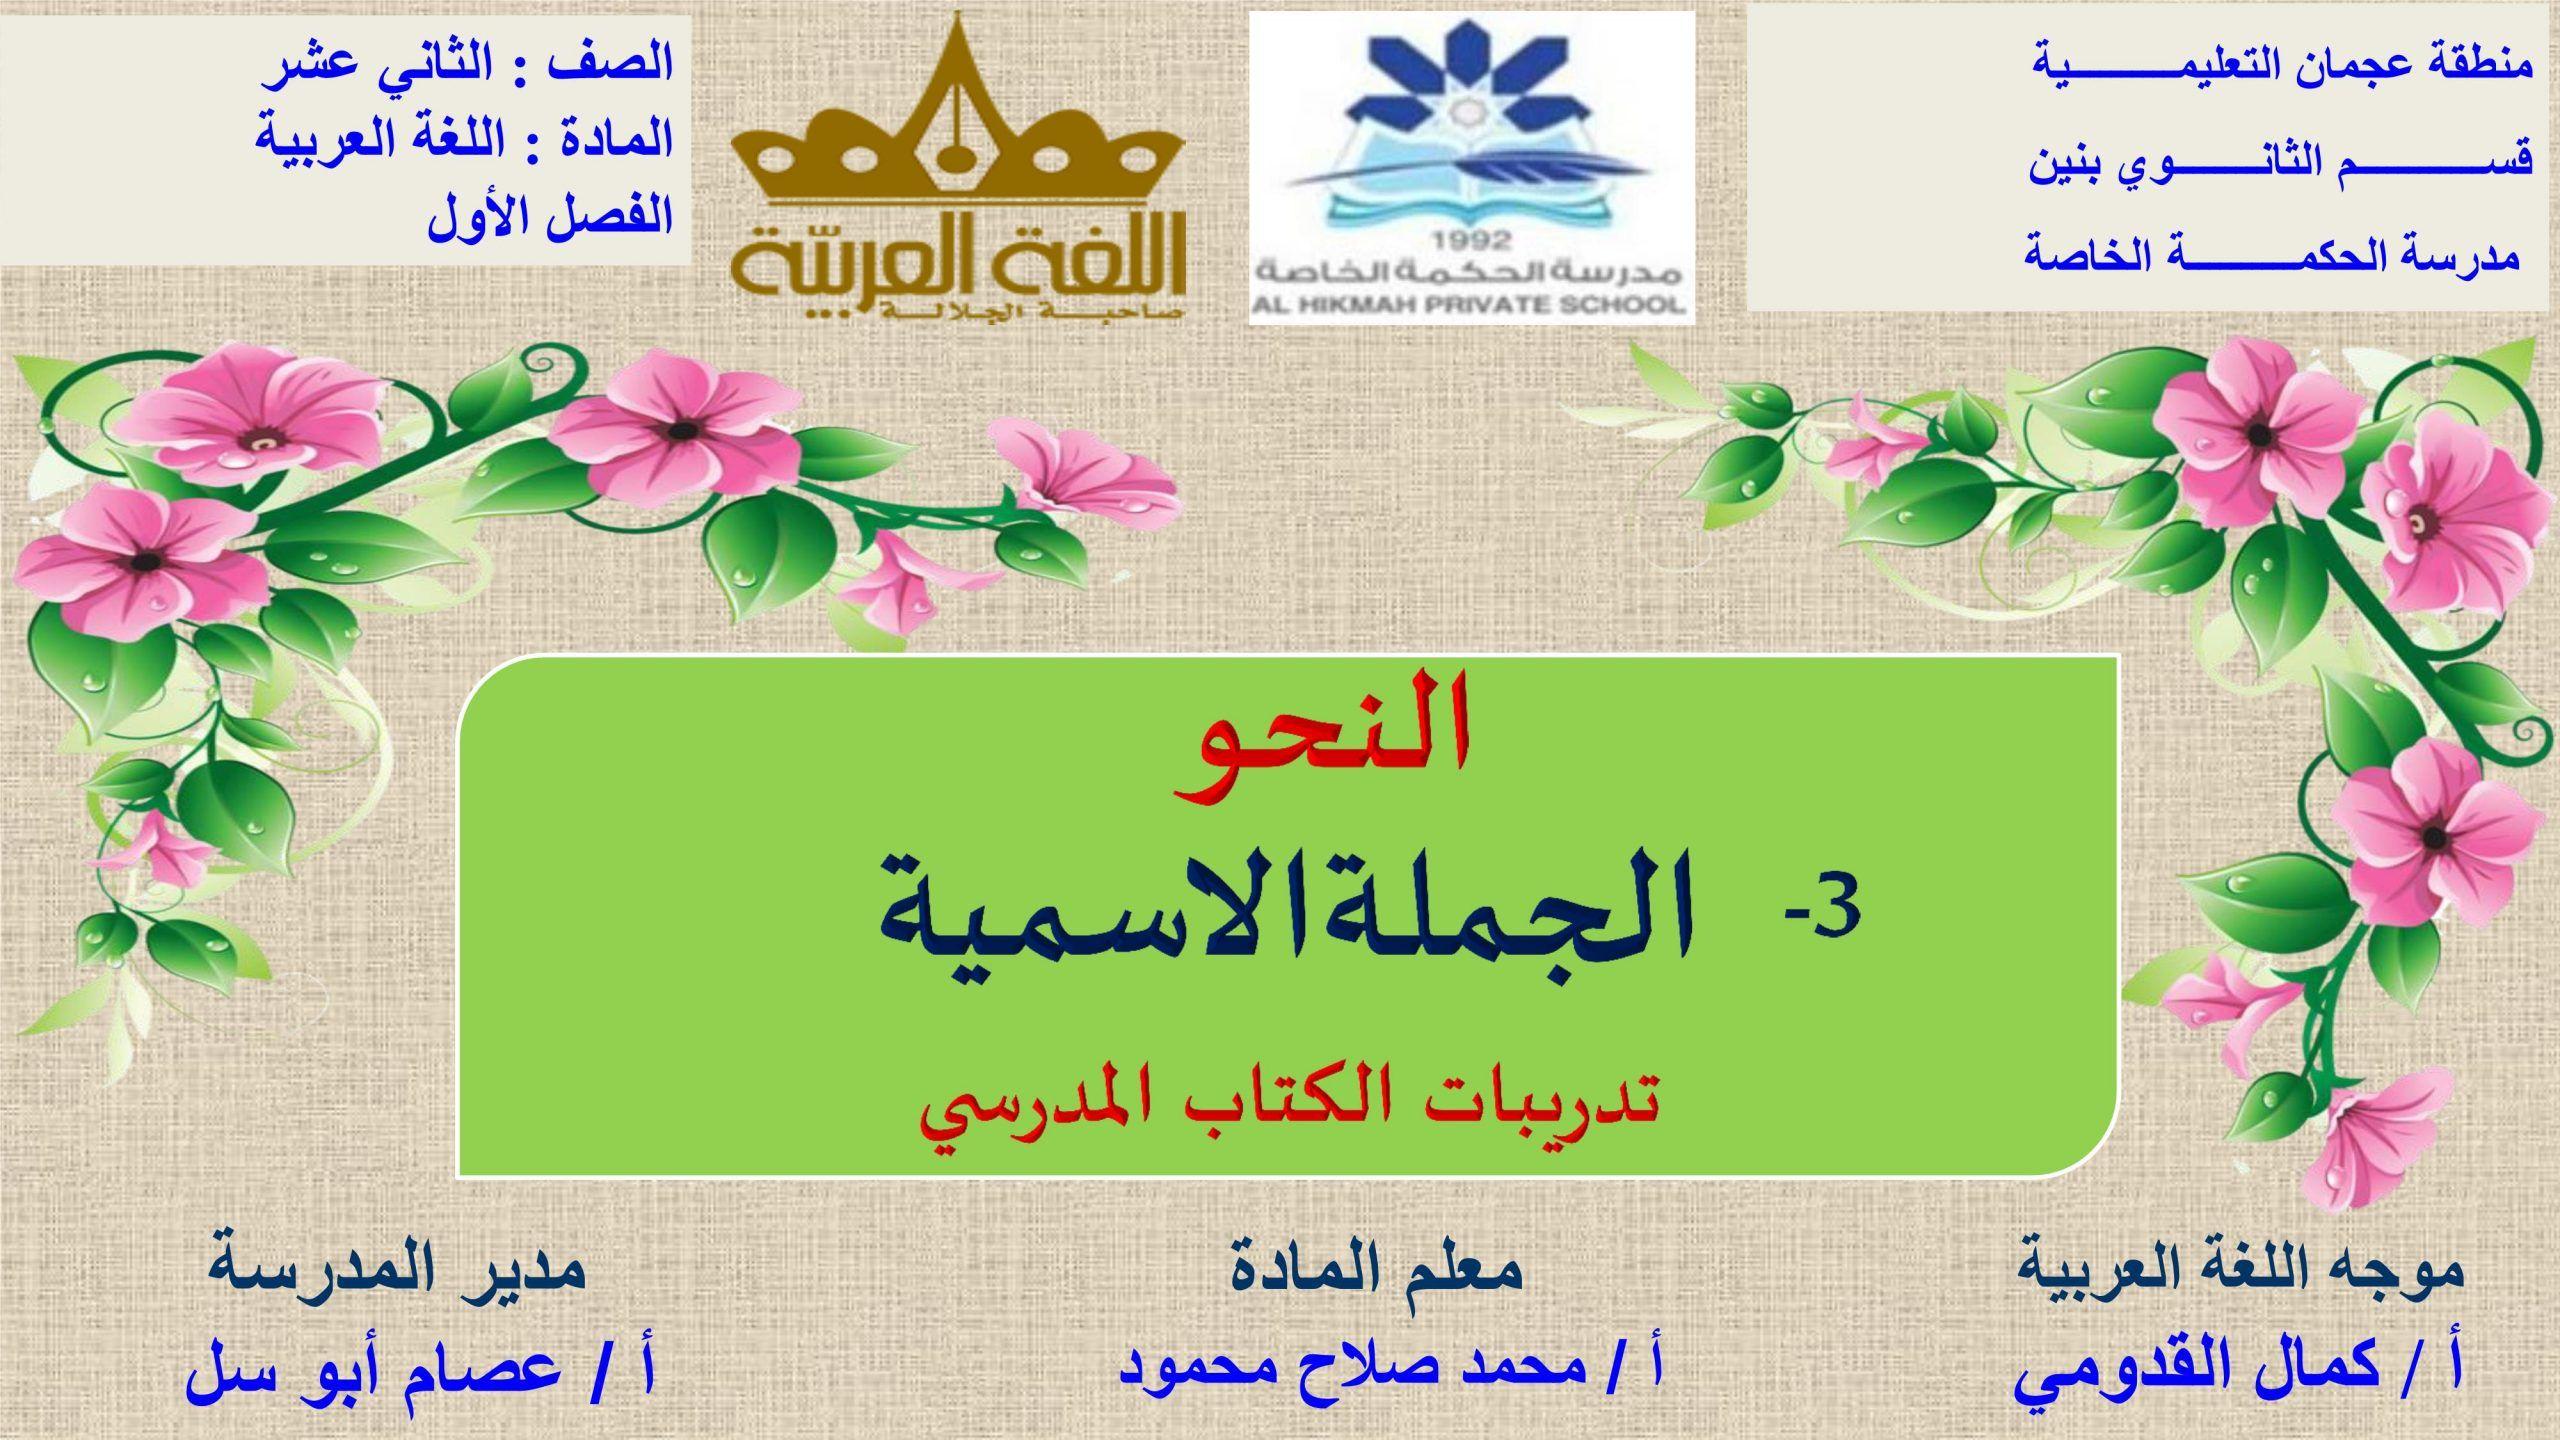 درس الجملة الاسمية وتدريبات الكتاب للصف الثالث مادة اللغة العربية Cv Template Word Cv Template Words